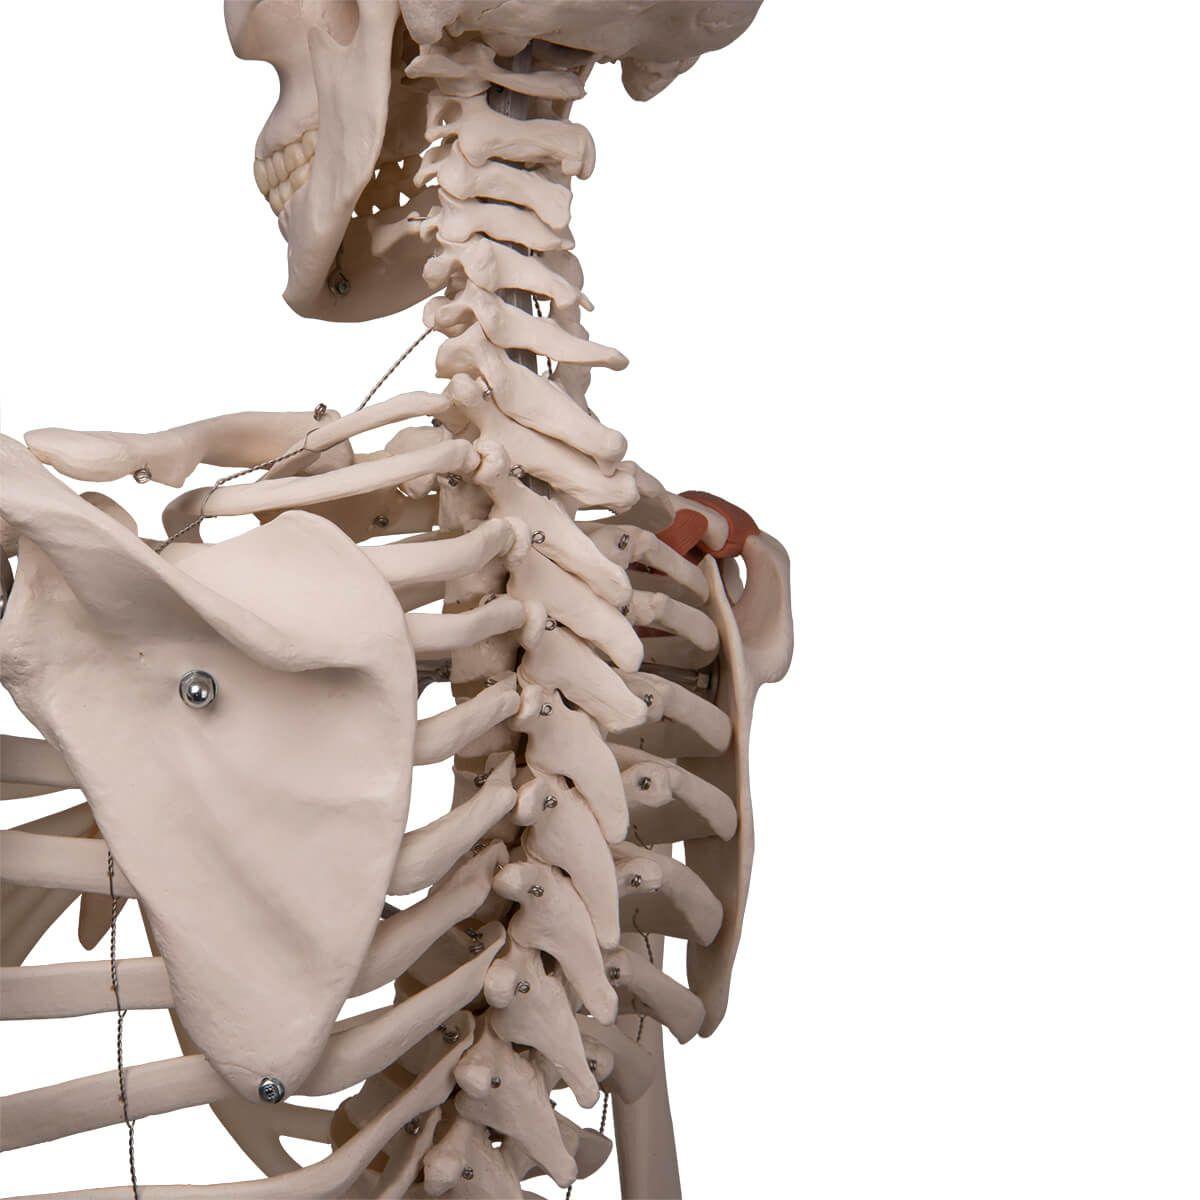 Esqueleto Leo A12 com Ligamentos Articulados, em Suporte de Metal com 5 Rolos